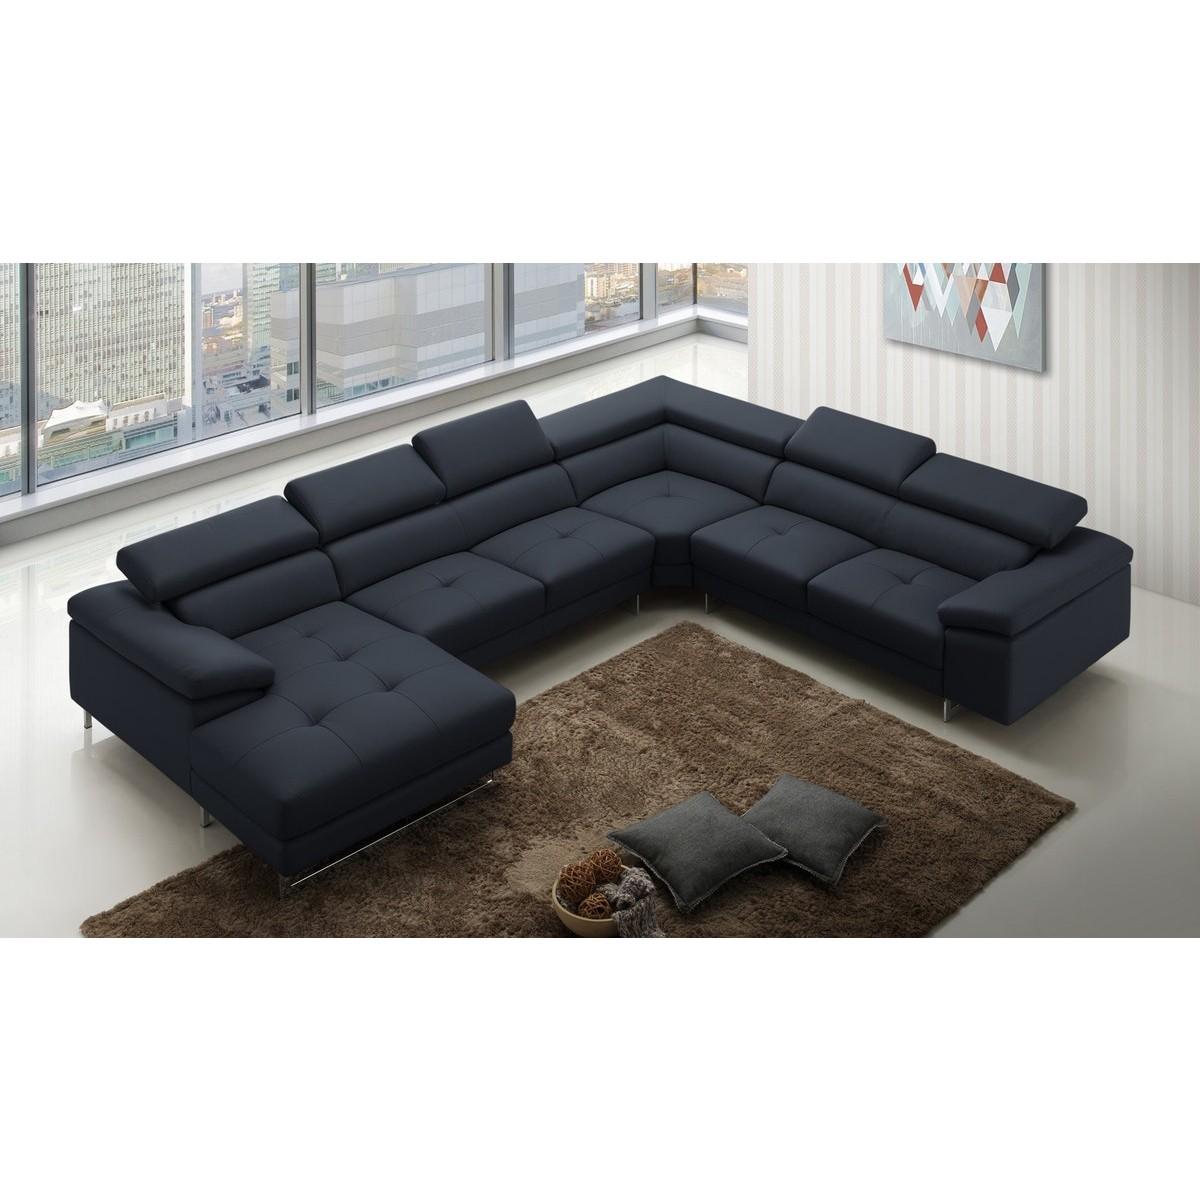 canap panoramique en cuir moss canap s en u. Black Bedroom Furniture Sets. Home Design Ideas